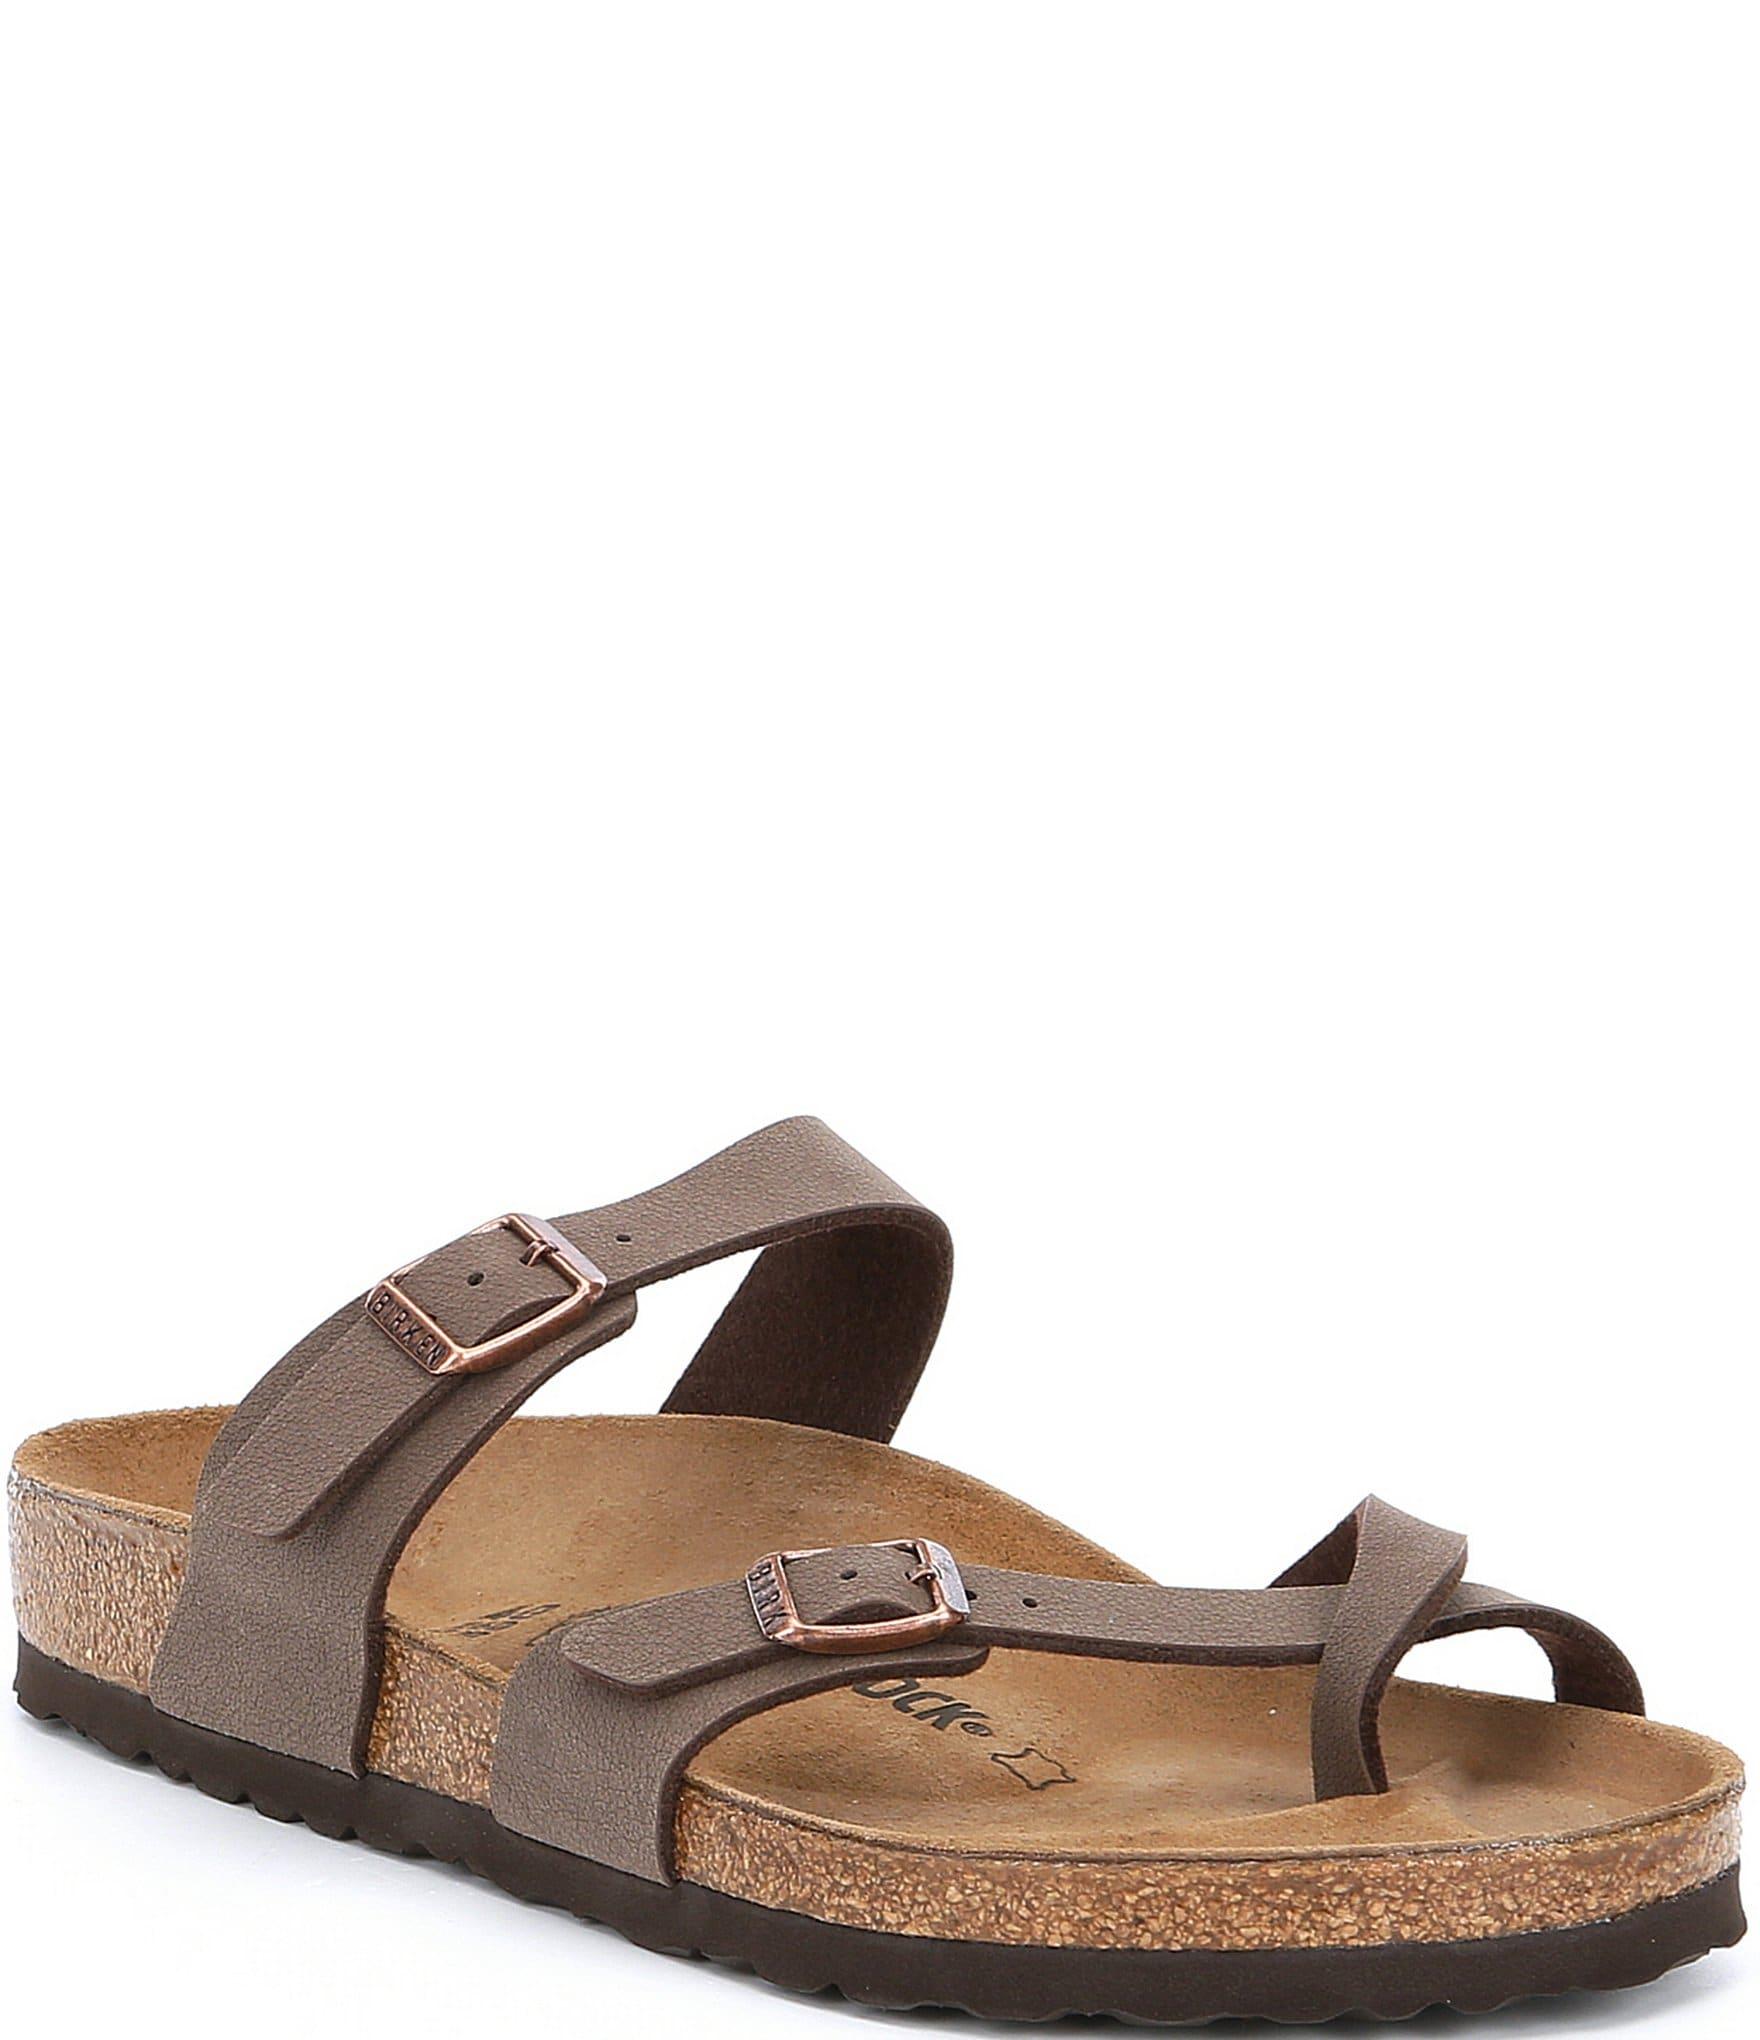 5d30a5de55b3 Women s Sandals